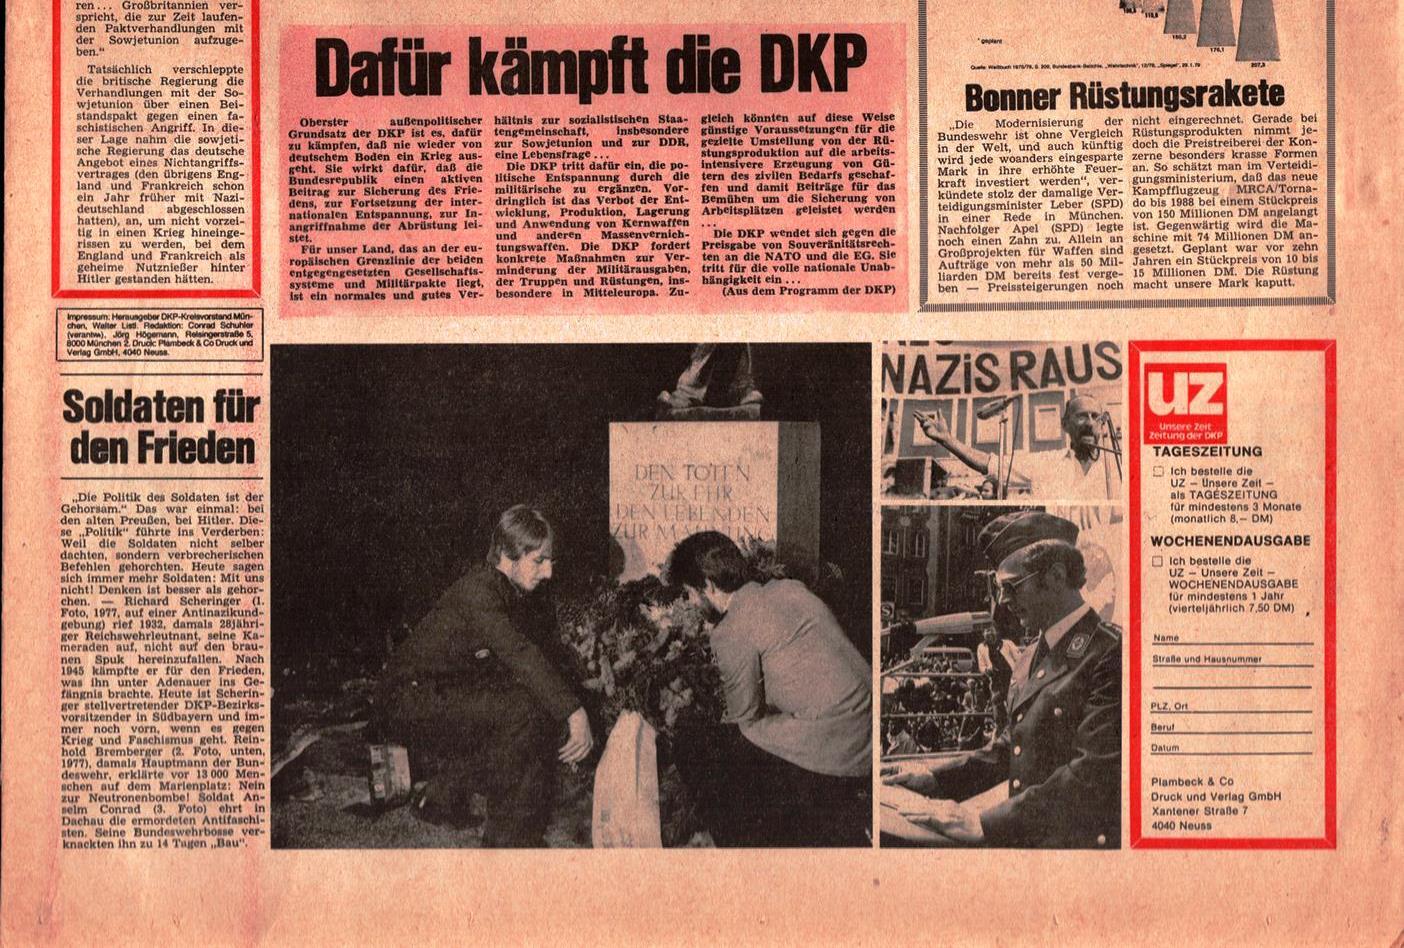 Muenchen_DKP_Neues_Muenchen_19790800_008_006